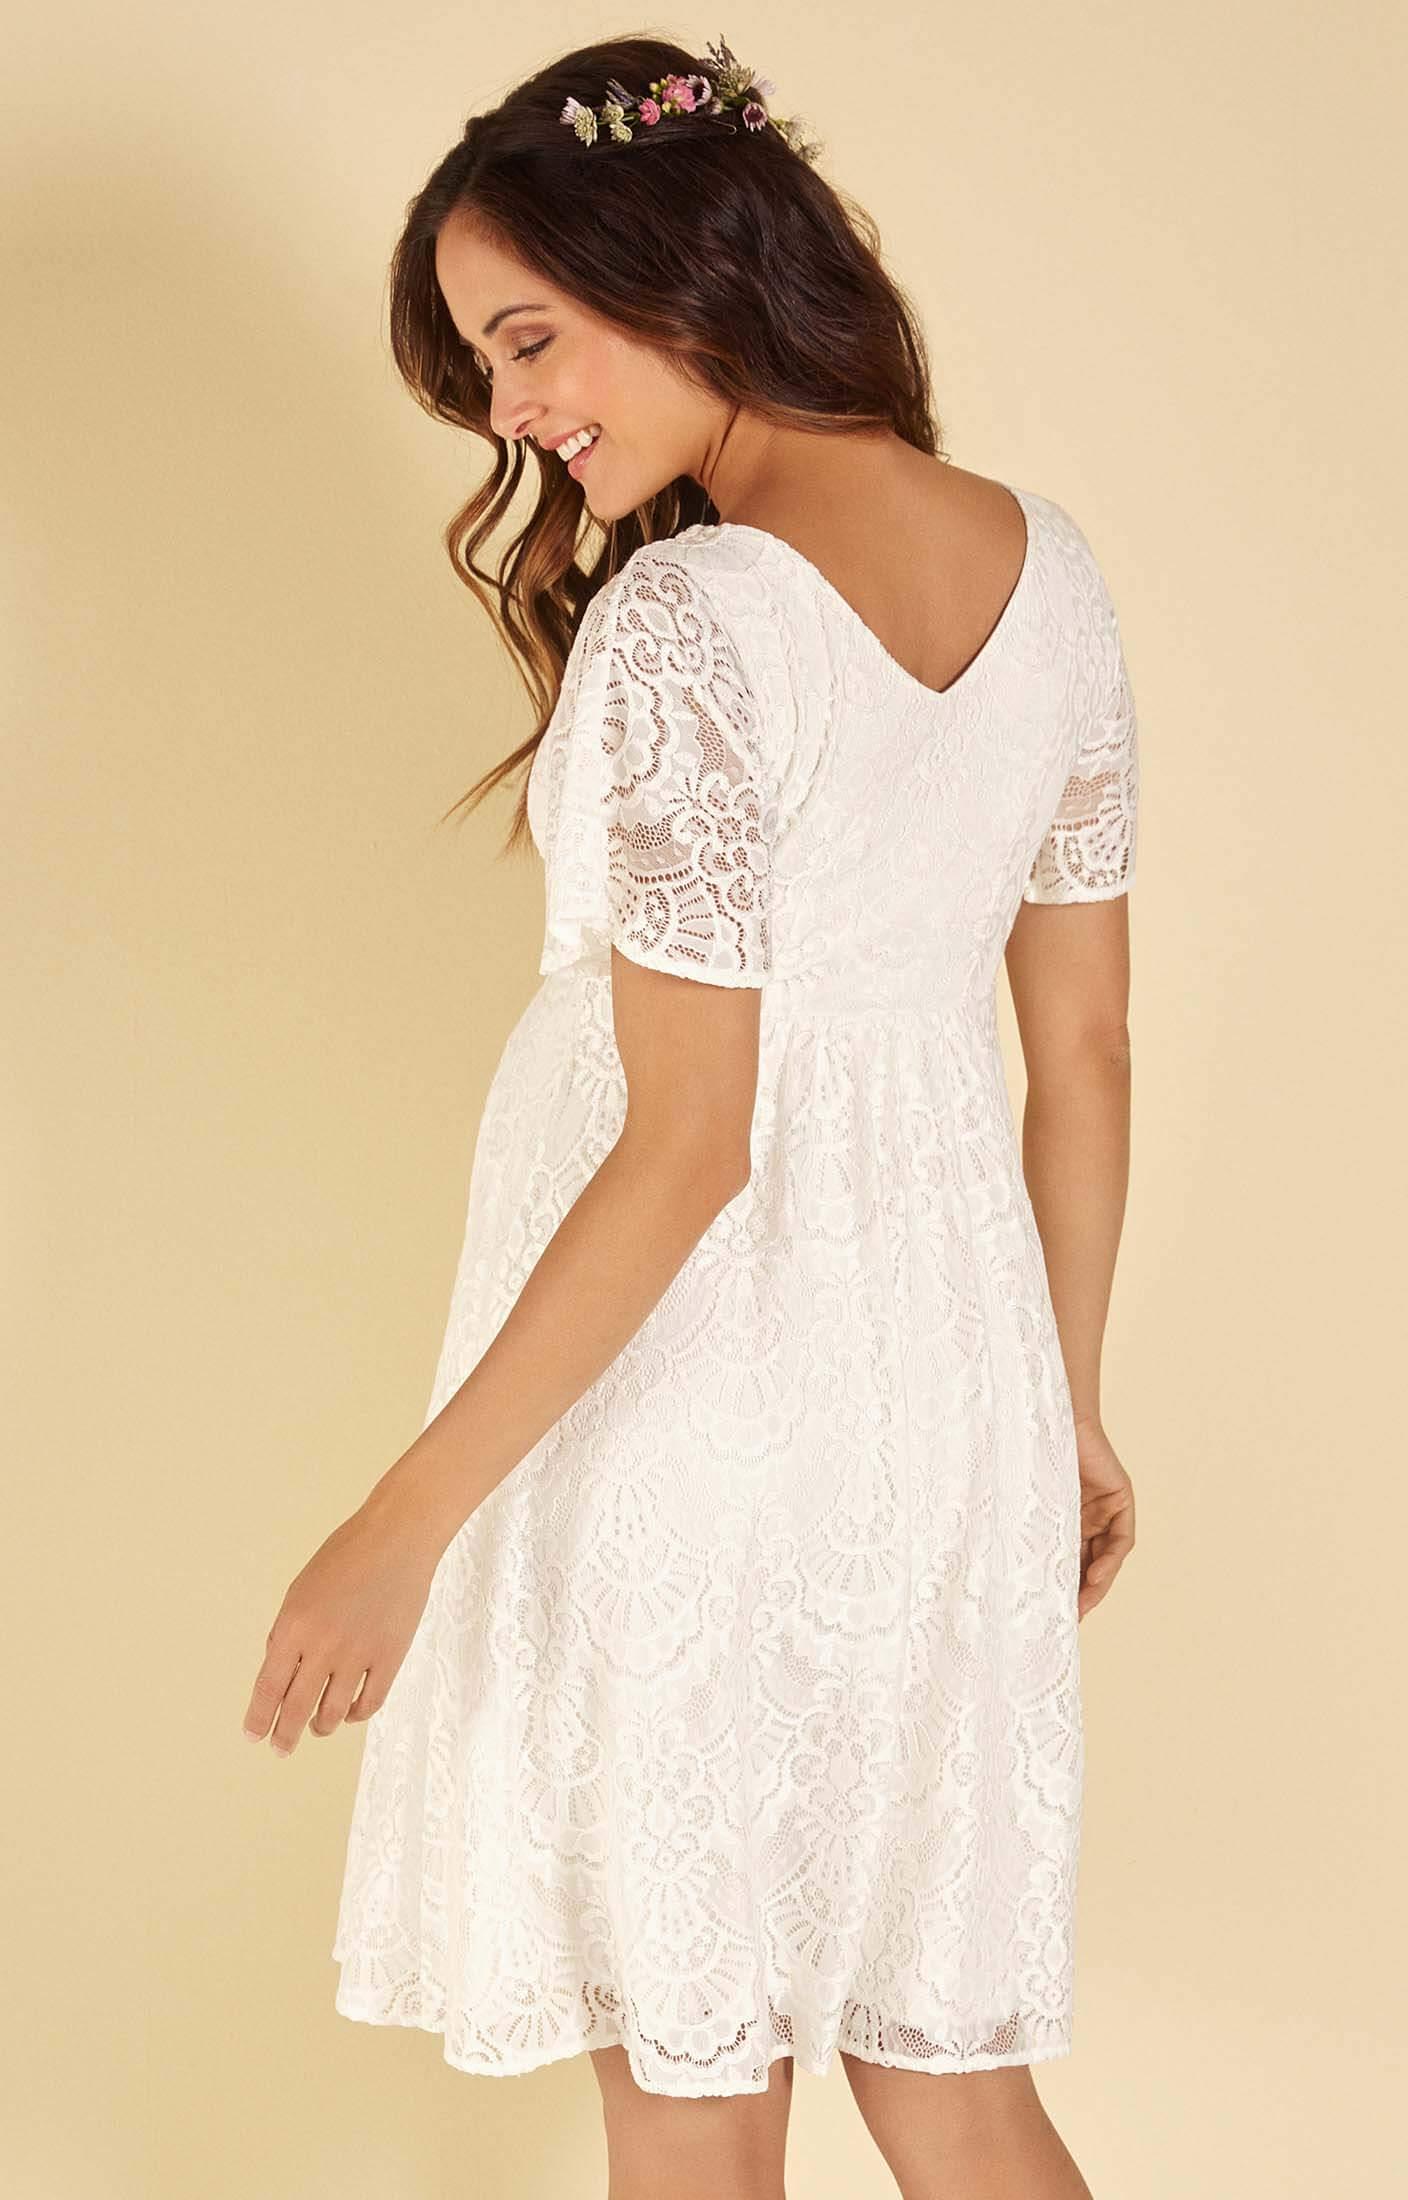 Edith Kimono Spitzen Kleid In Elfenbein Umstandshochzeitskleider Abendgarderobe Und Partykleidung By Tiffany Rose De